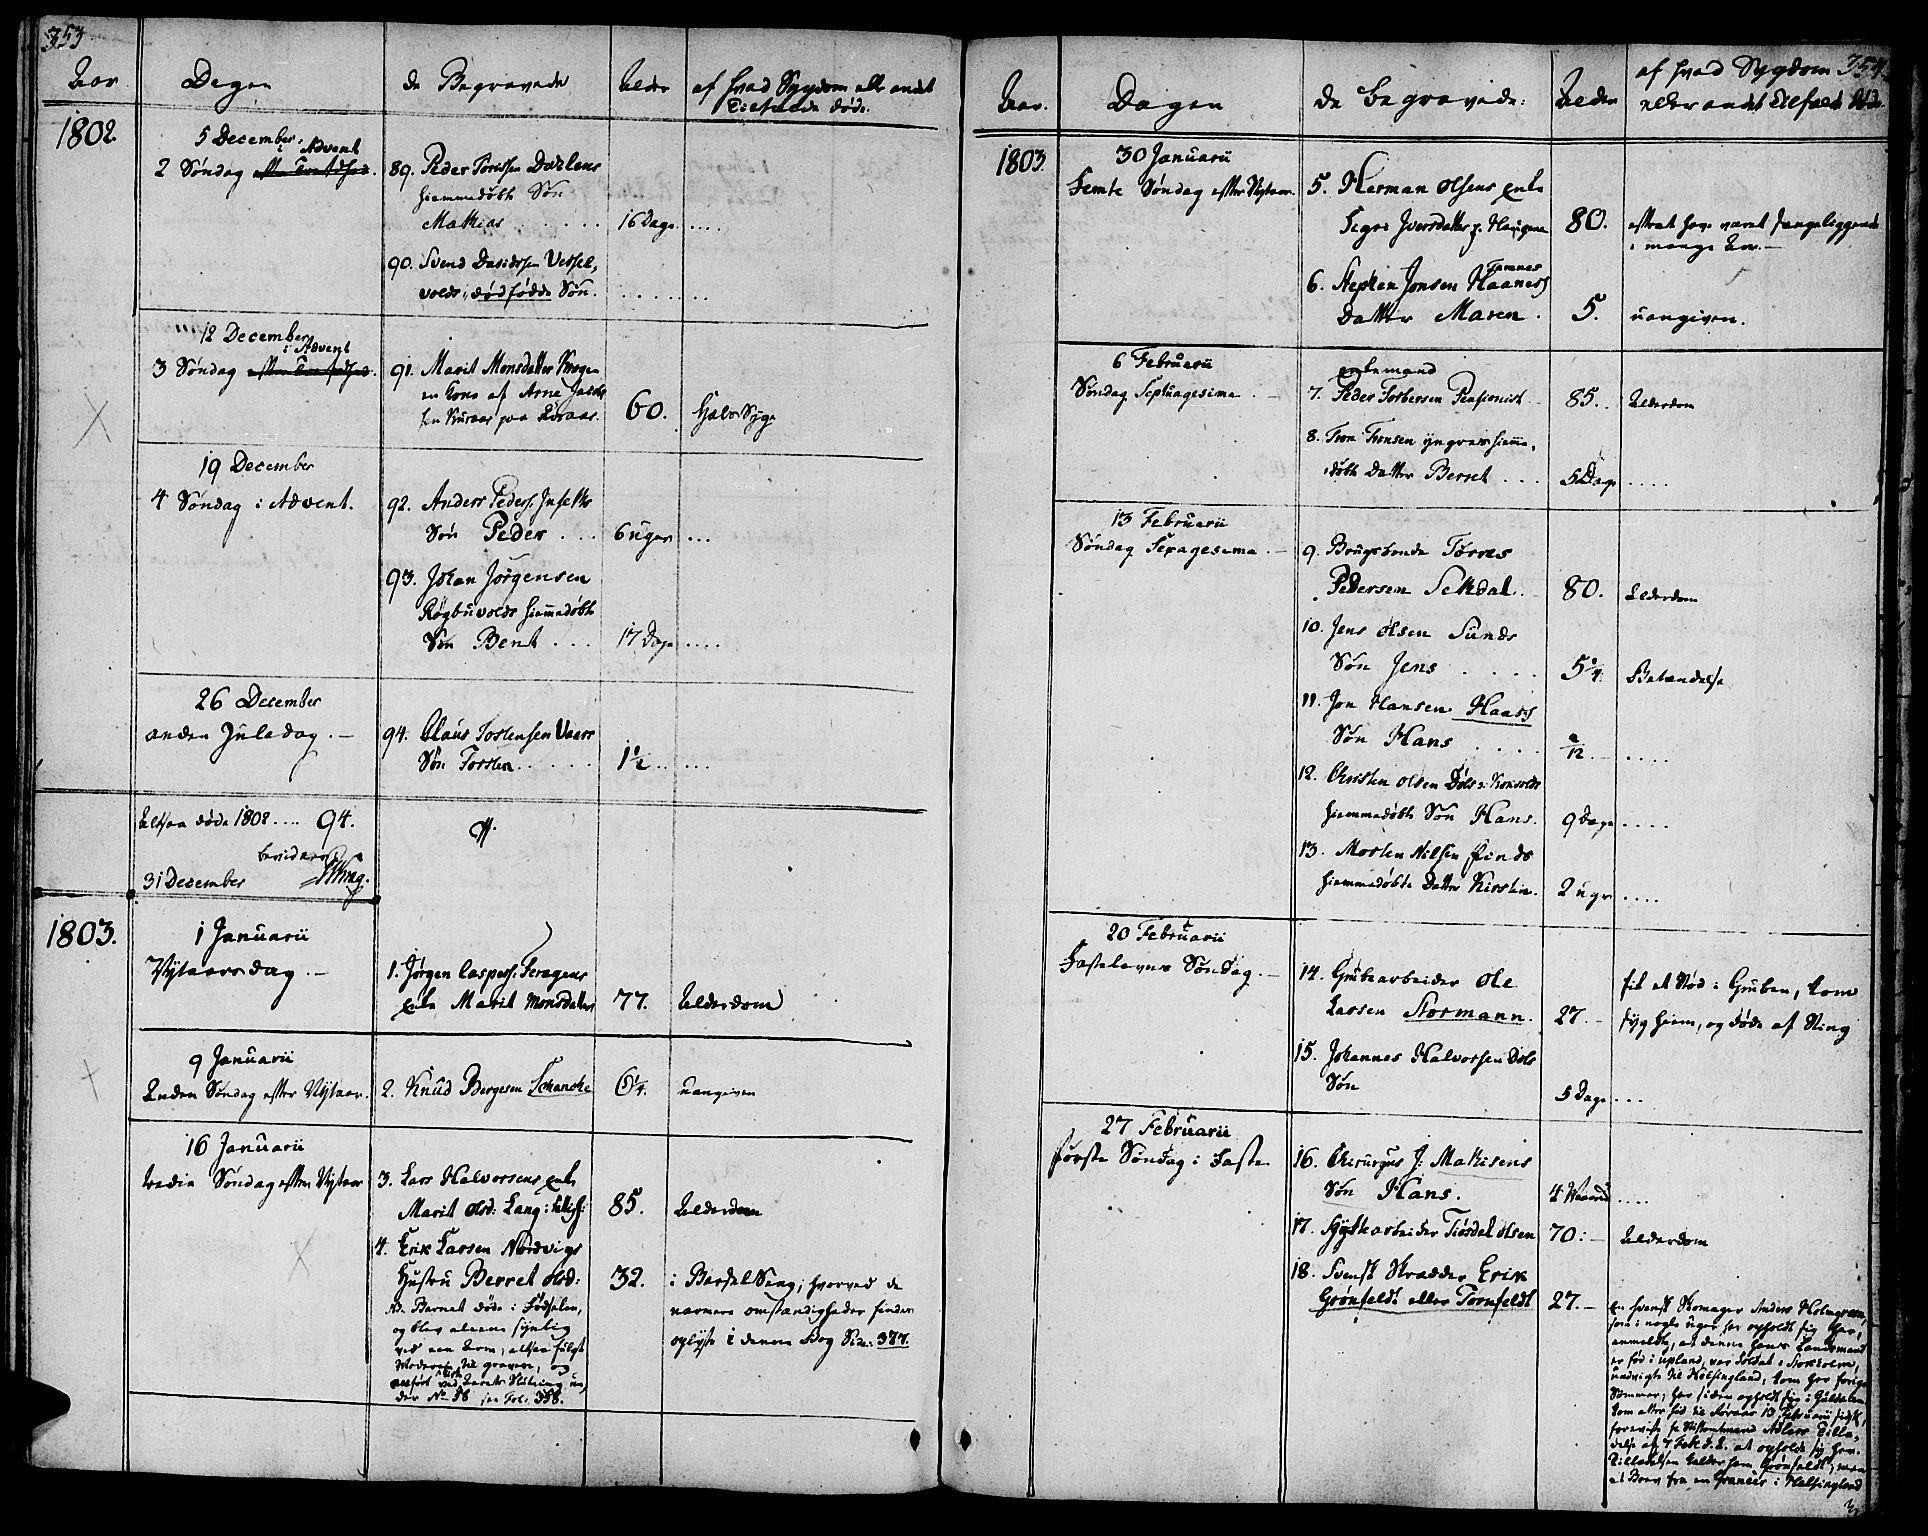 SAT, Ministerialprotokoller, klokkerbøker og fødselsregistre - Sør-Trøndelag, 681/L0927: Ministerialbok nr. 681A05, 1798-1808, s. 353-354